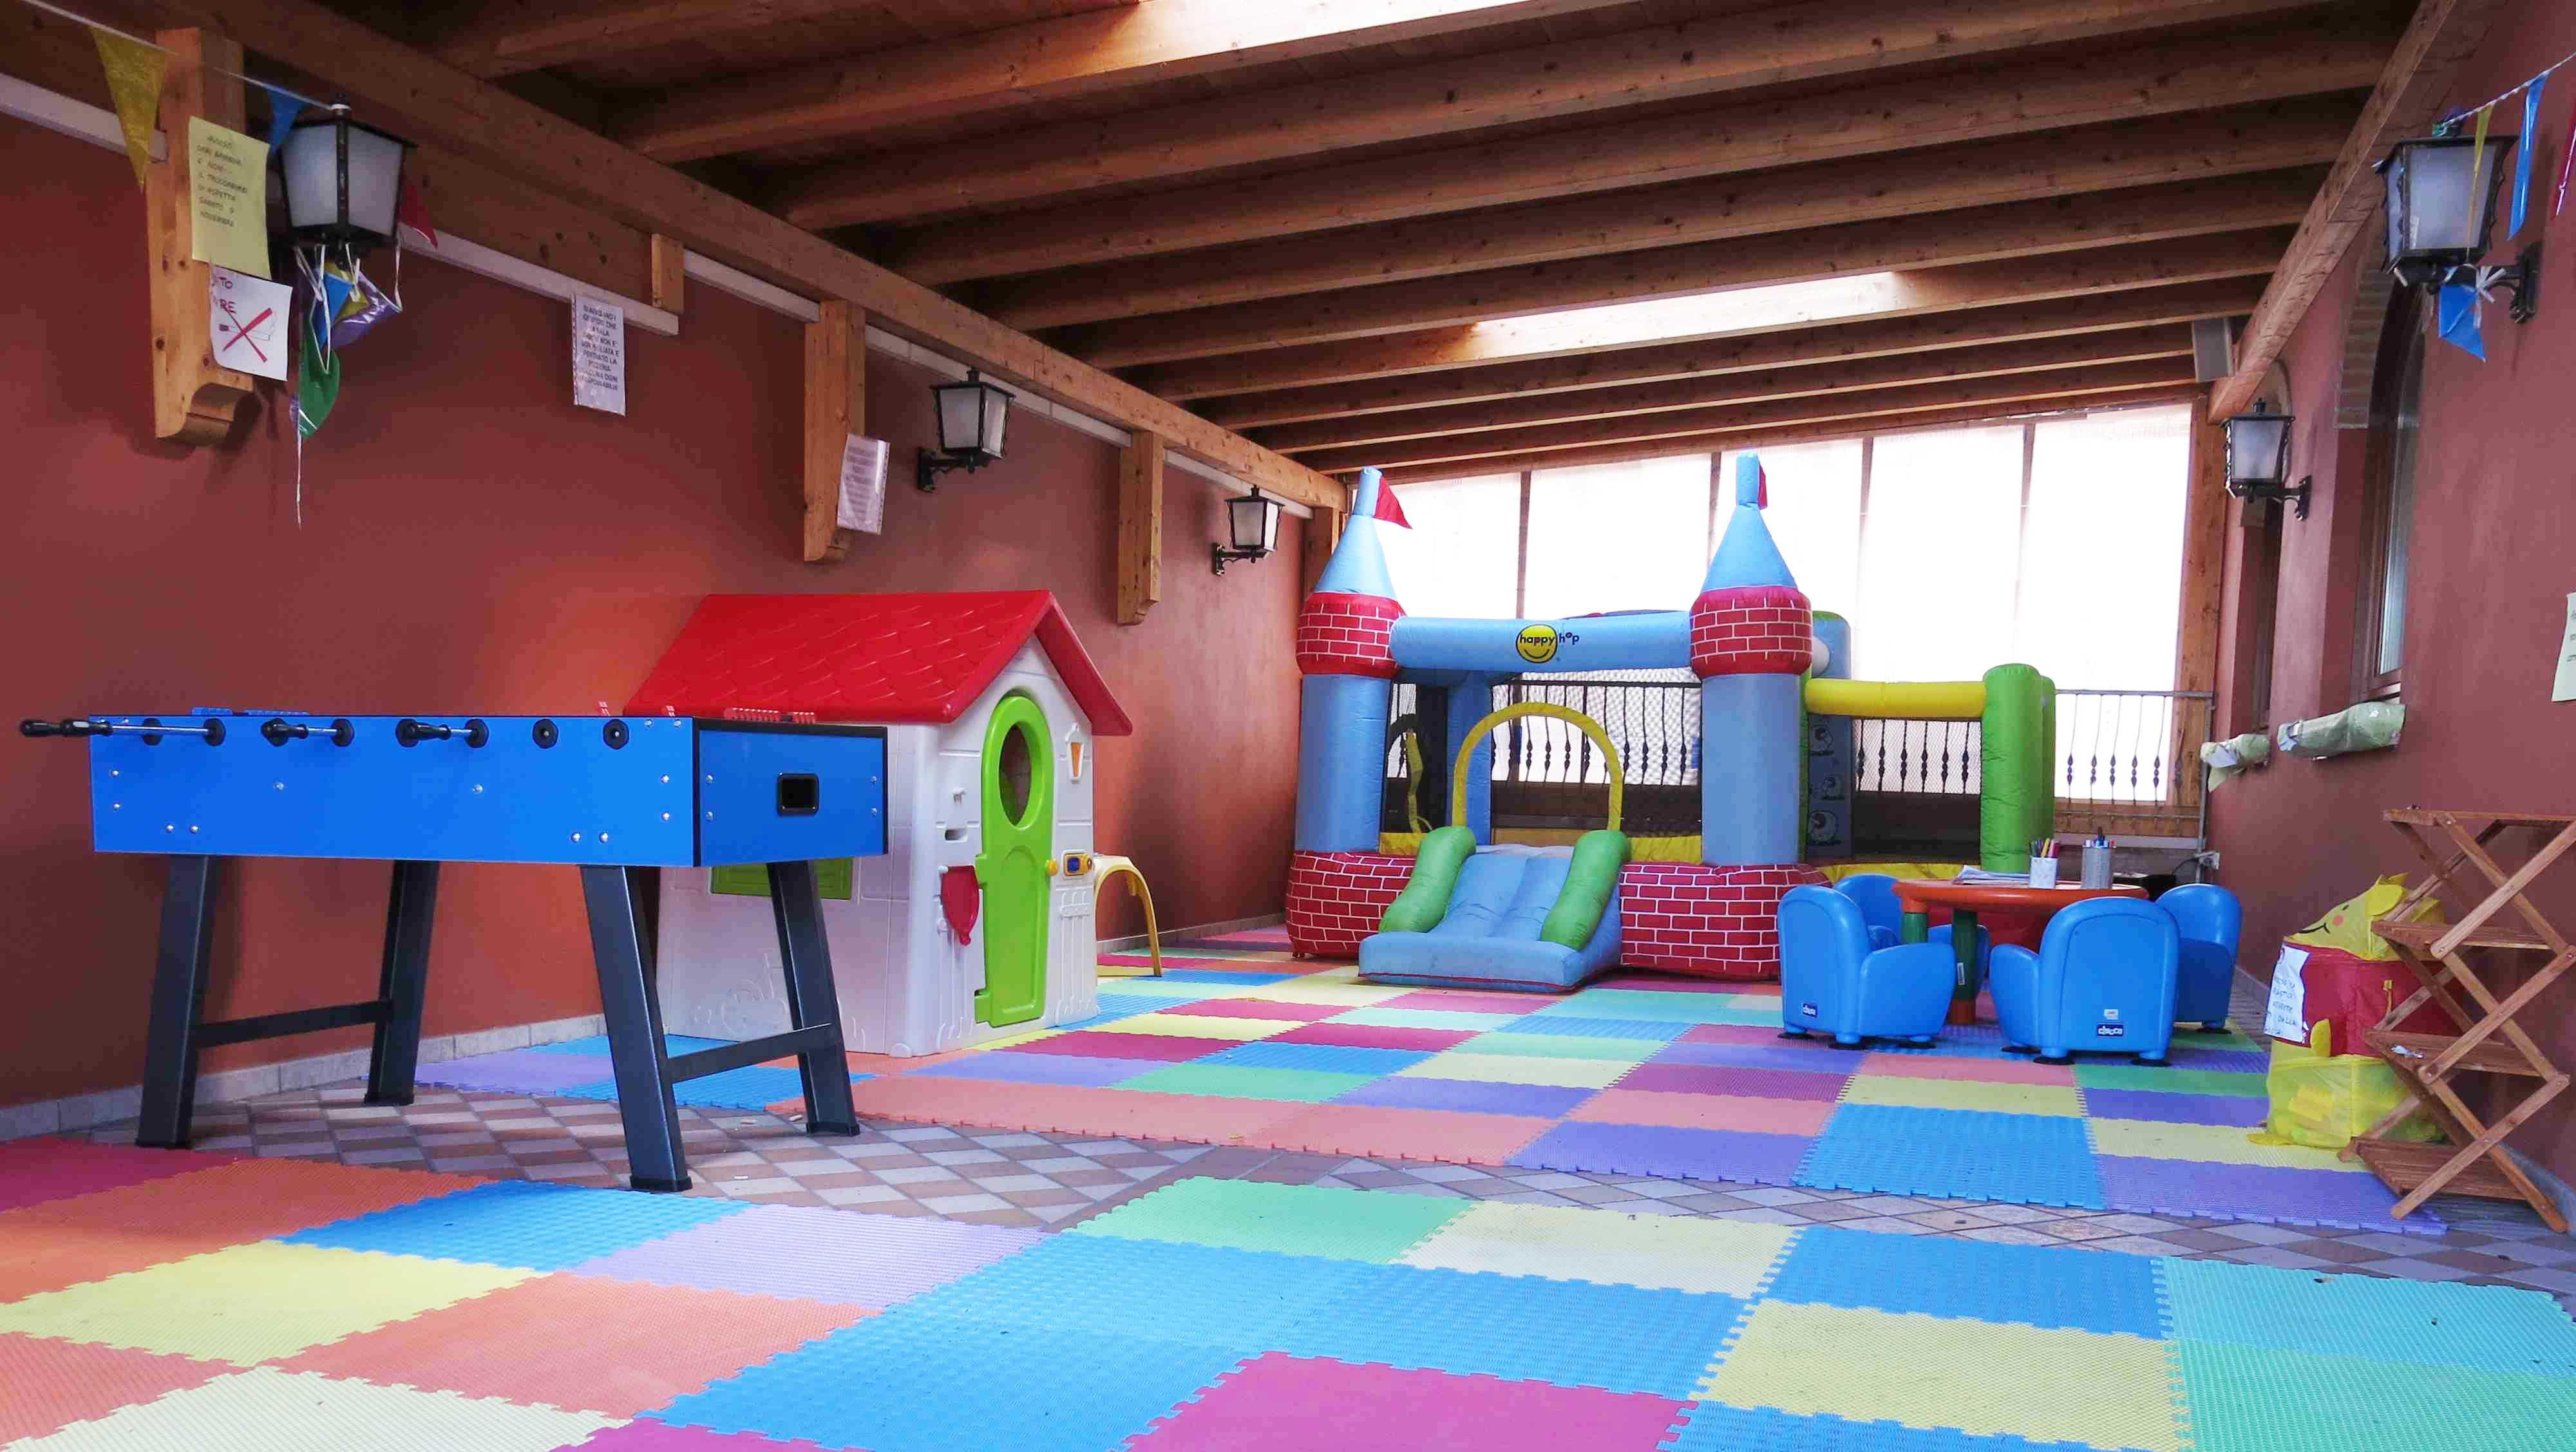 Sala Giochi Bimbi : Ristoranti con sala giochi per bambini